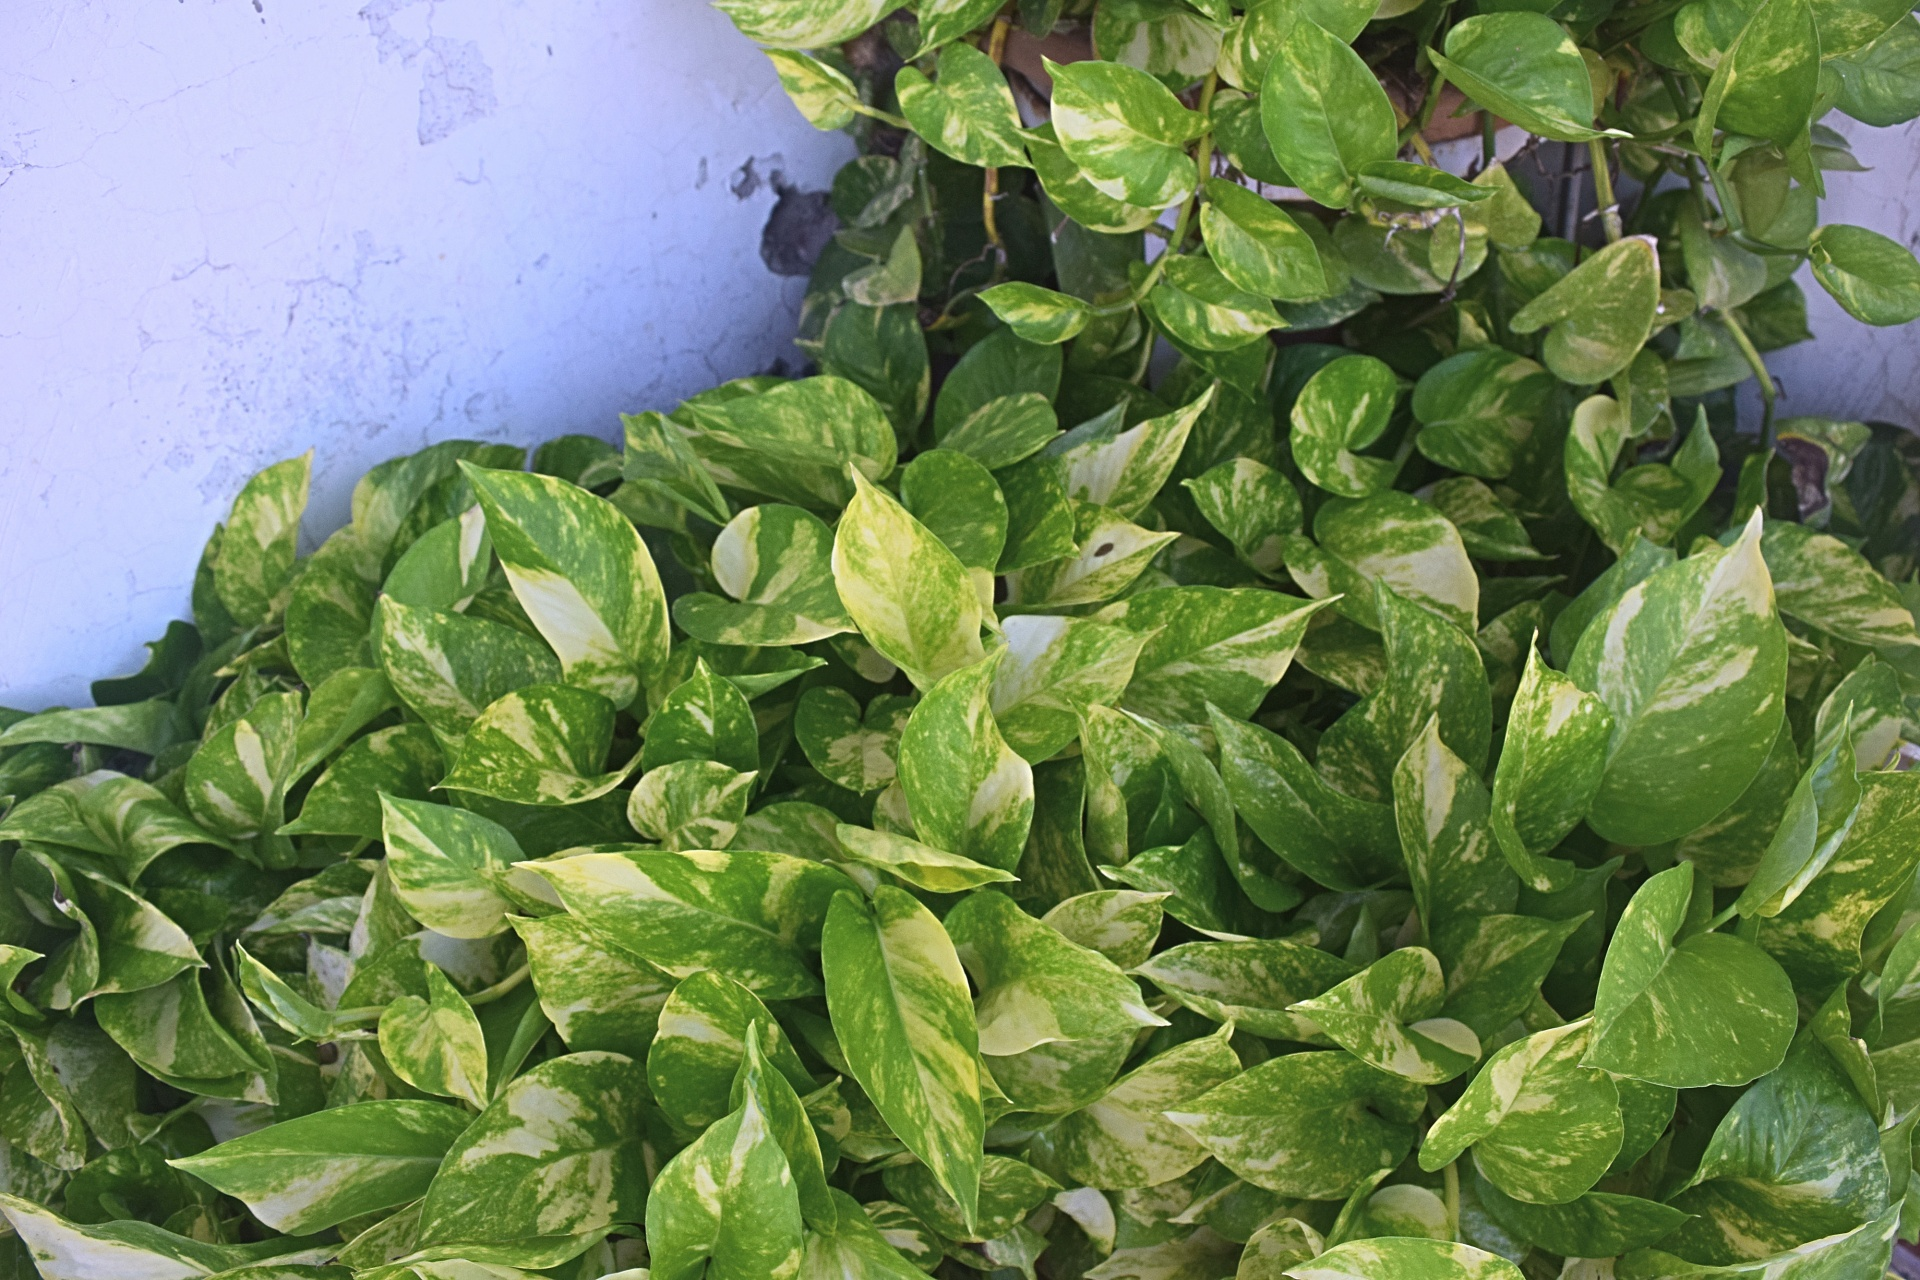 Piante Rampicanti Da Esterno potos o pothos (epipremnum): consigli, coltivazione e cura